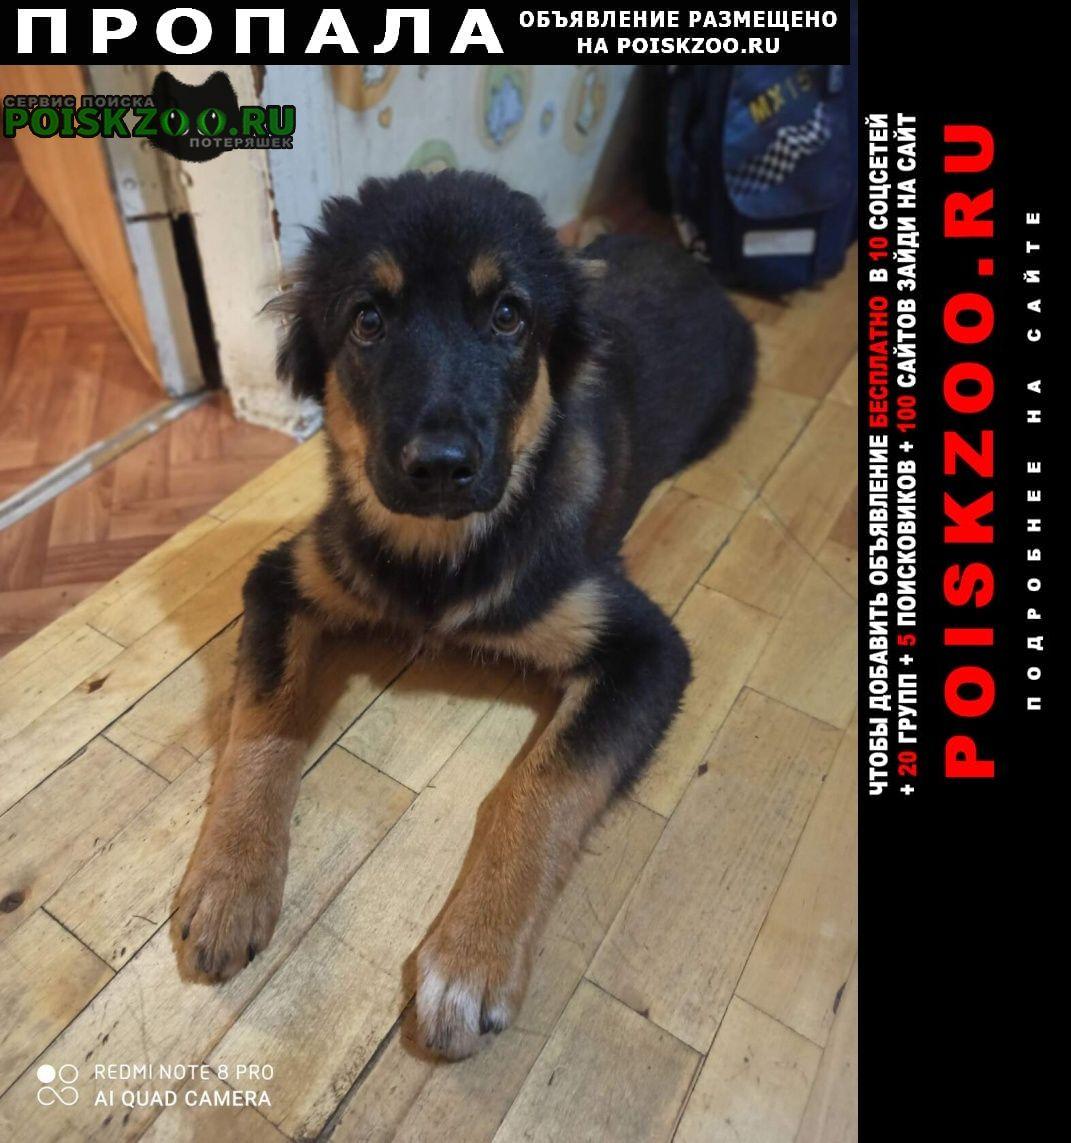 Щекино Пропала собака отзывается на кличку шерхан.